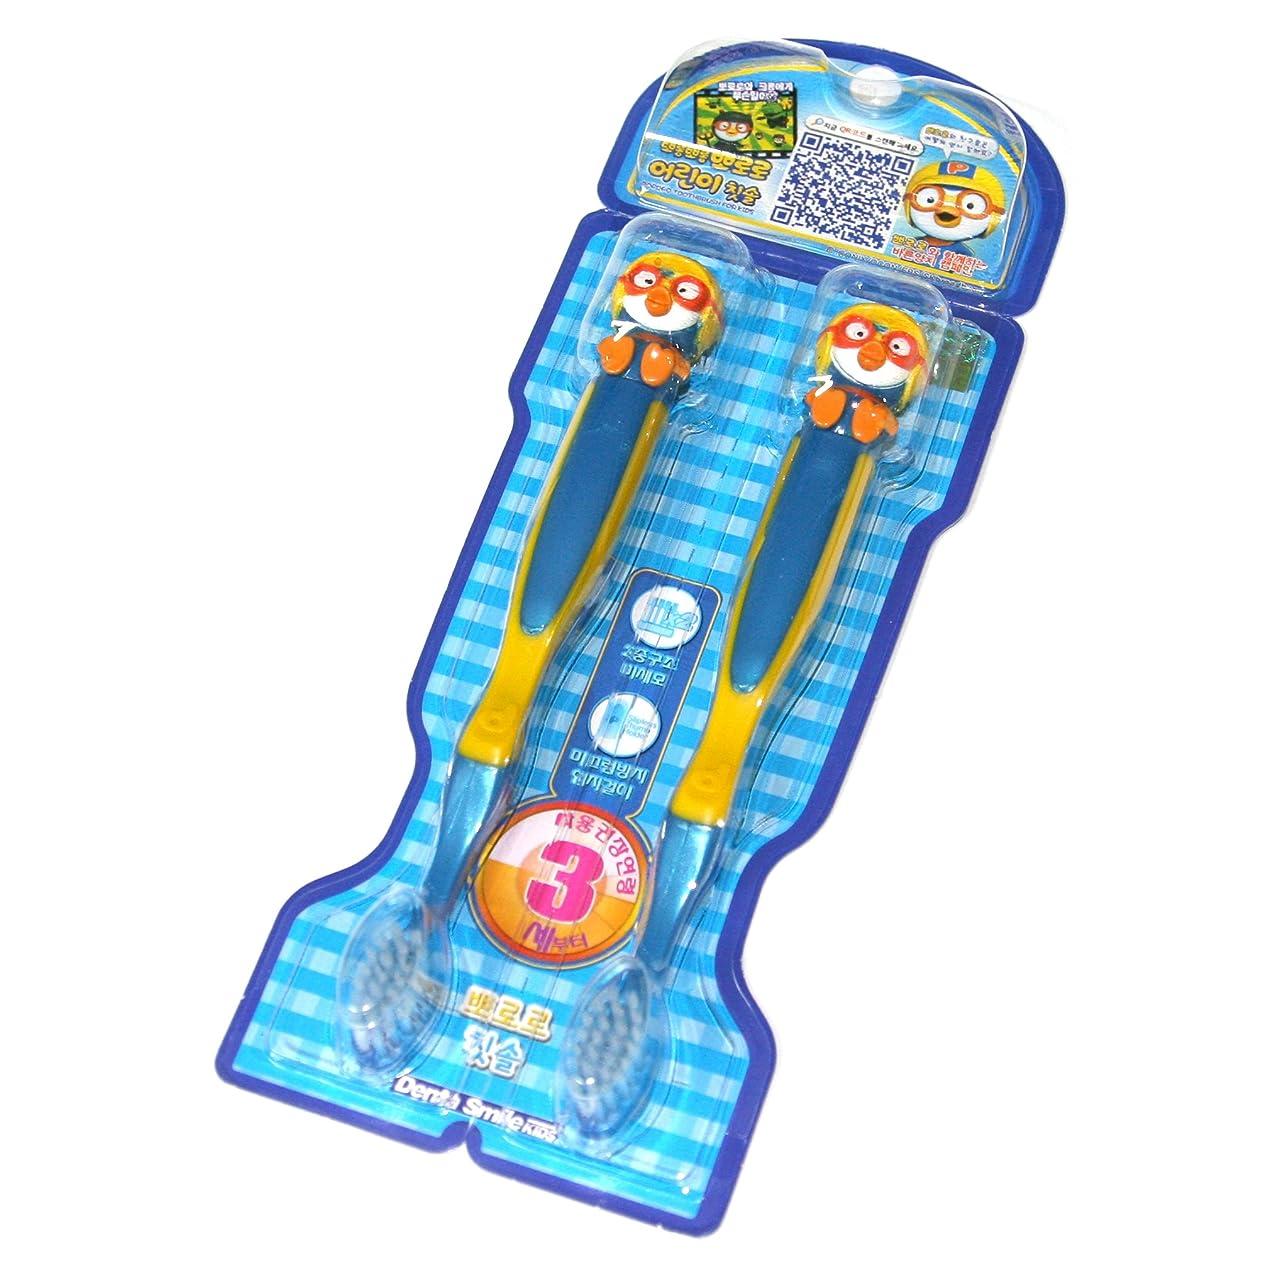 合金エラープロジェクターPORORO Toothbrush For Kids 2ea set (PORORO) ポロロ 子供用 歯ブラシ2ea set (ポロロ ) [並行輸入品]